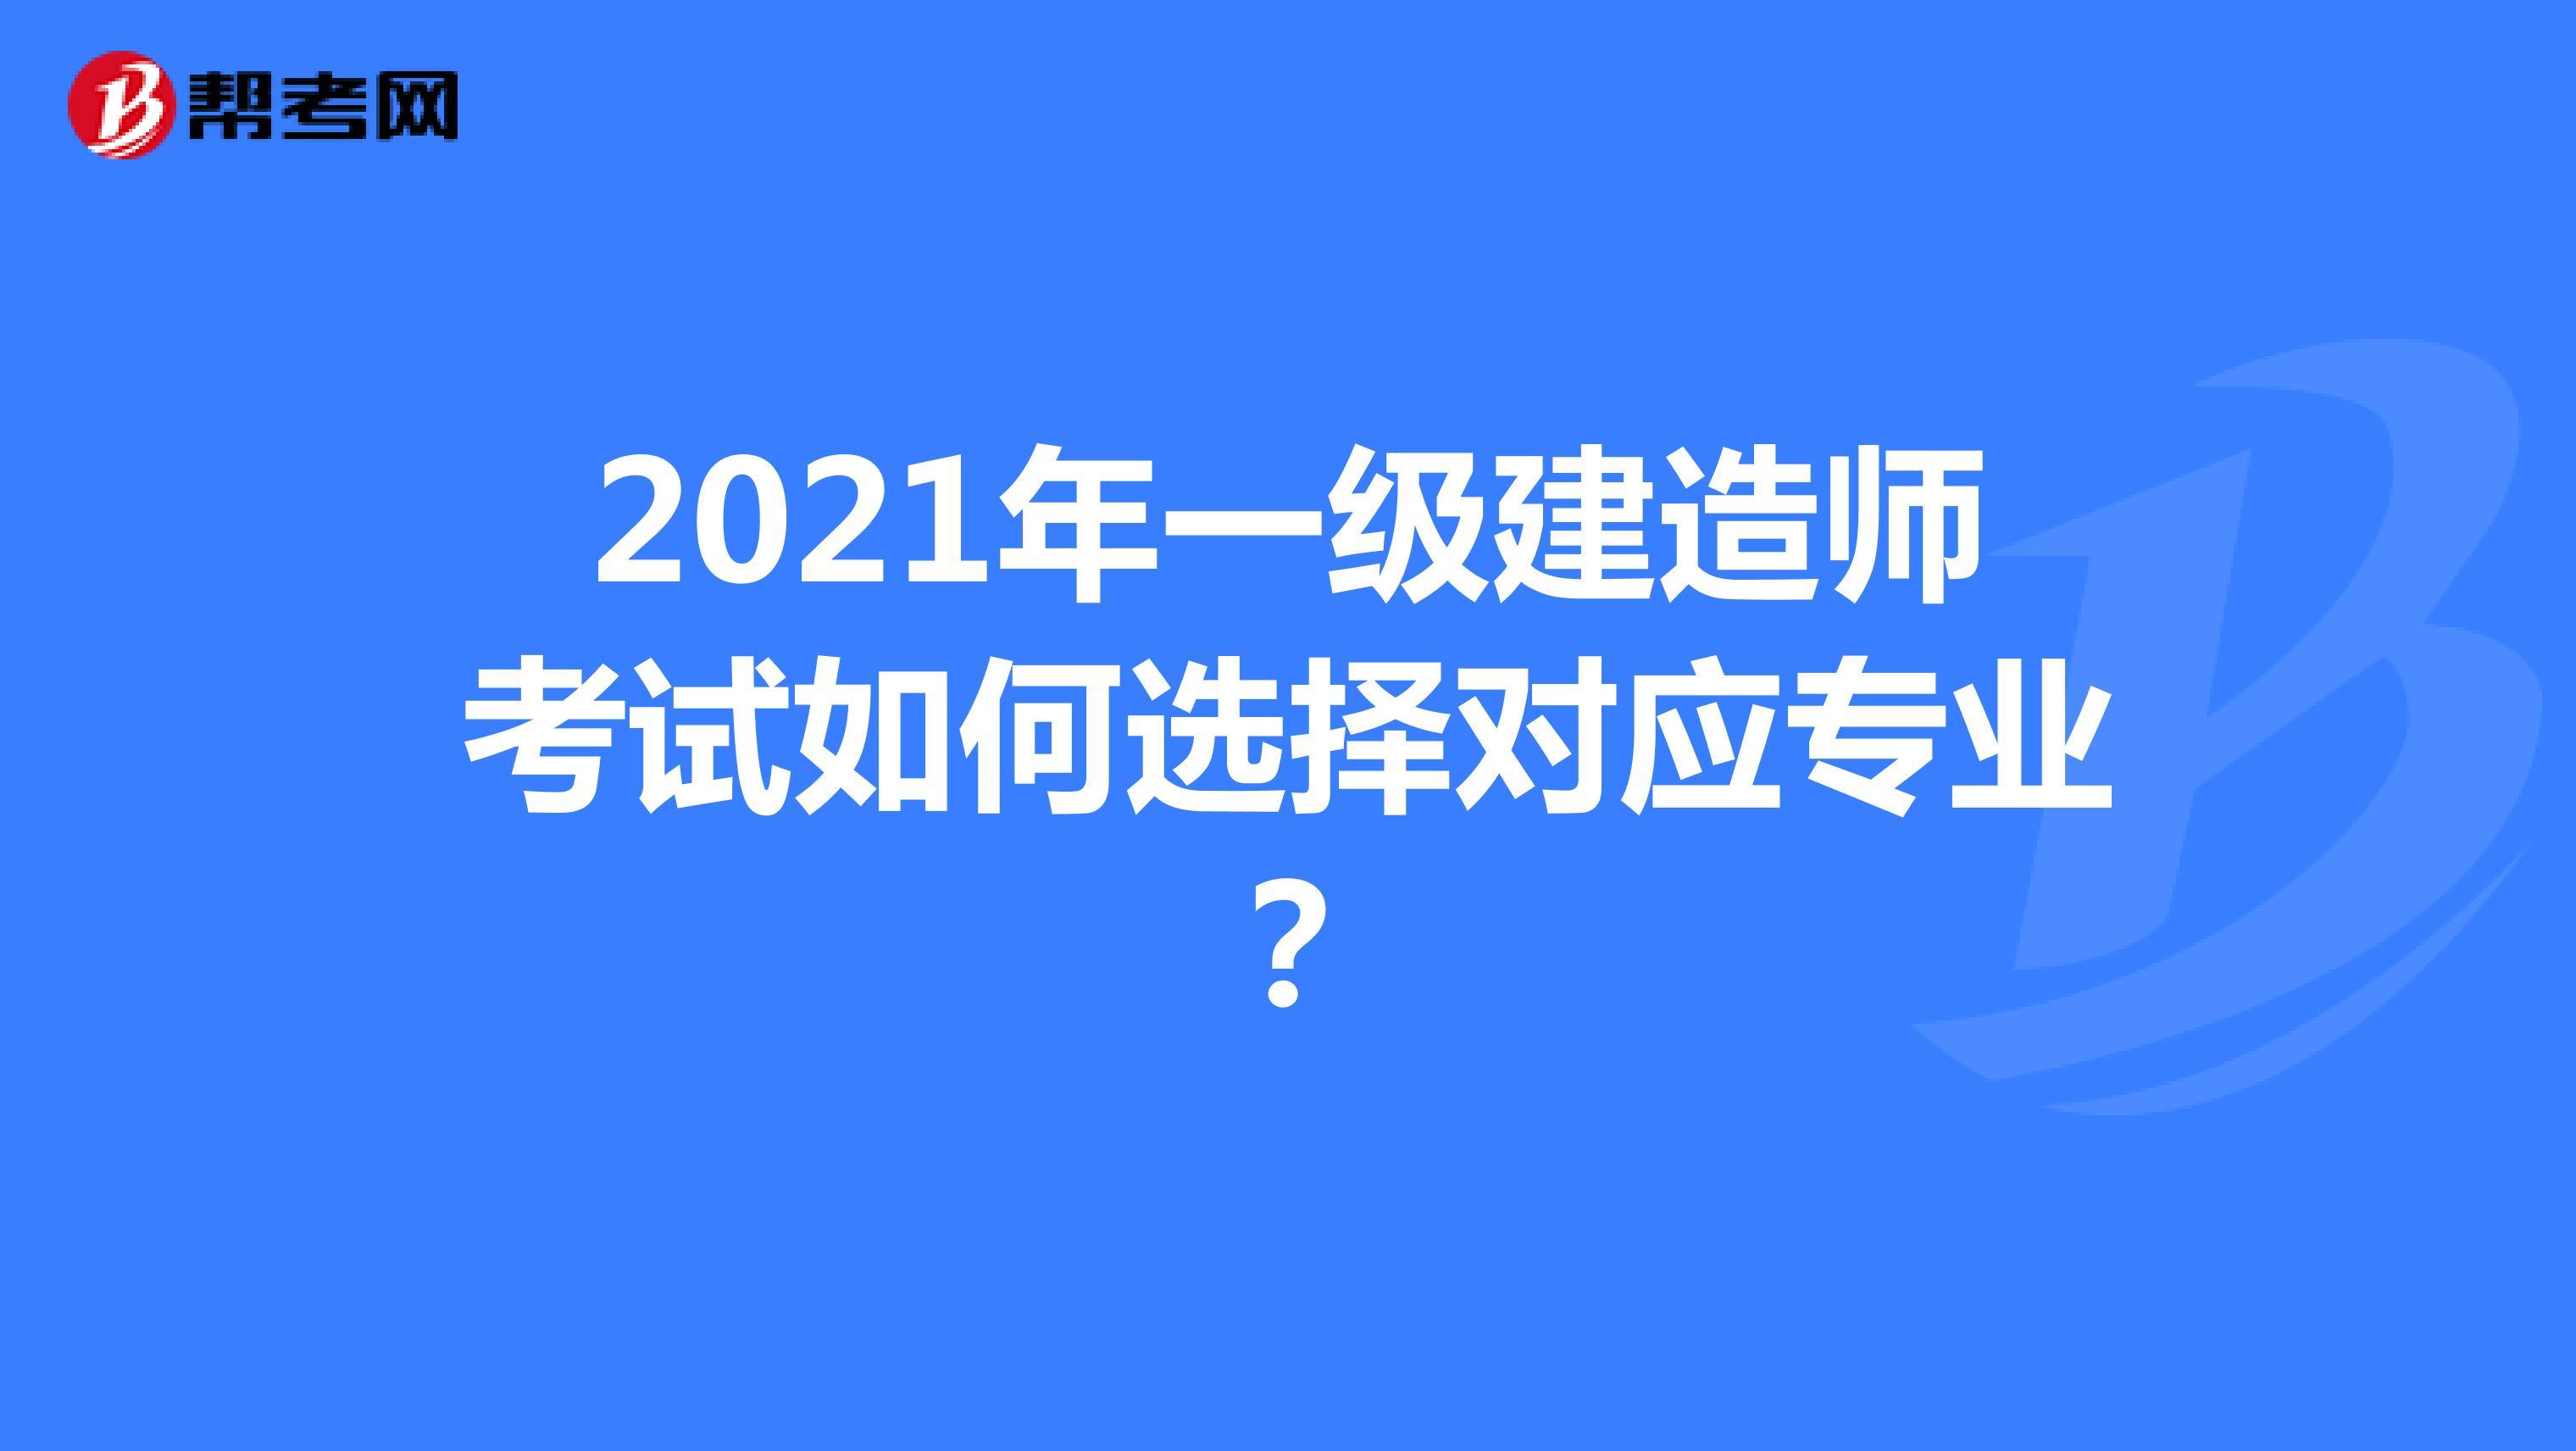 2021年一级建造师考试如何选择对应专业?